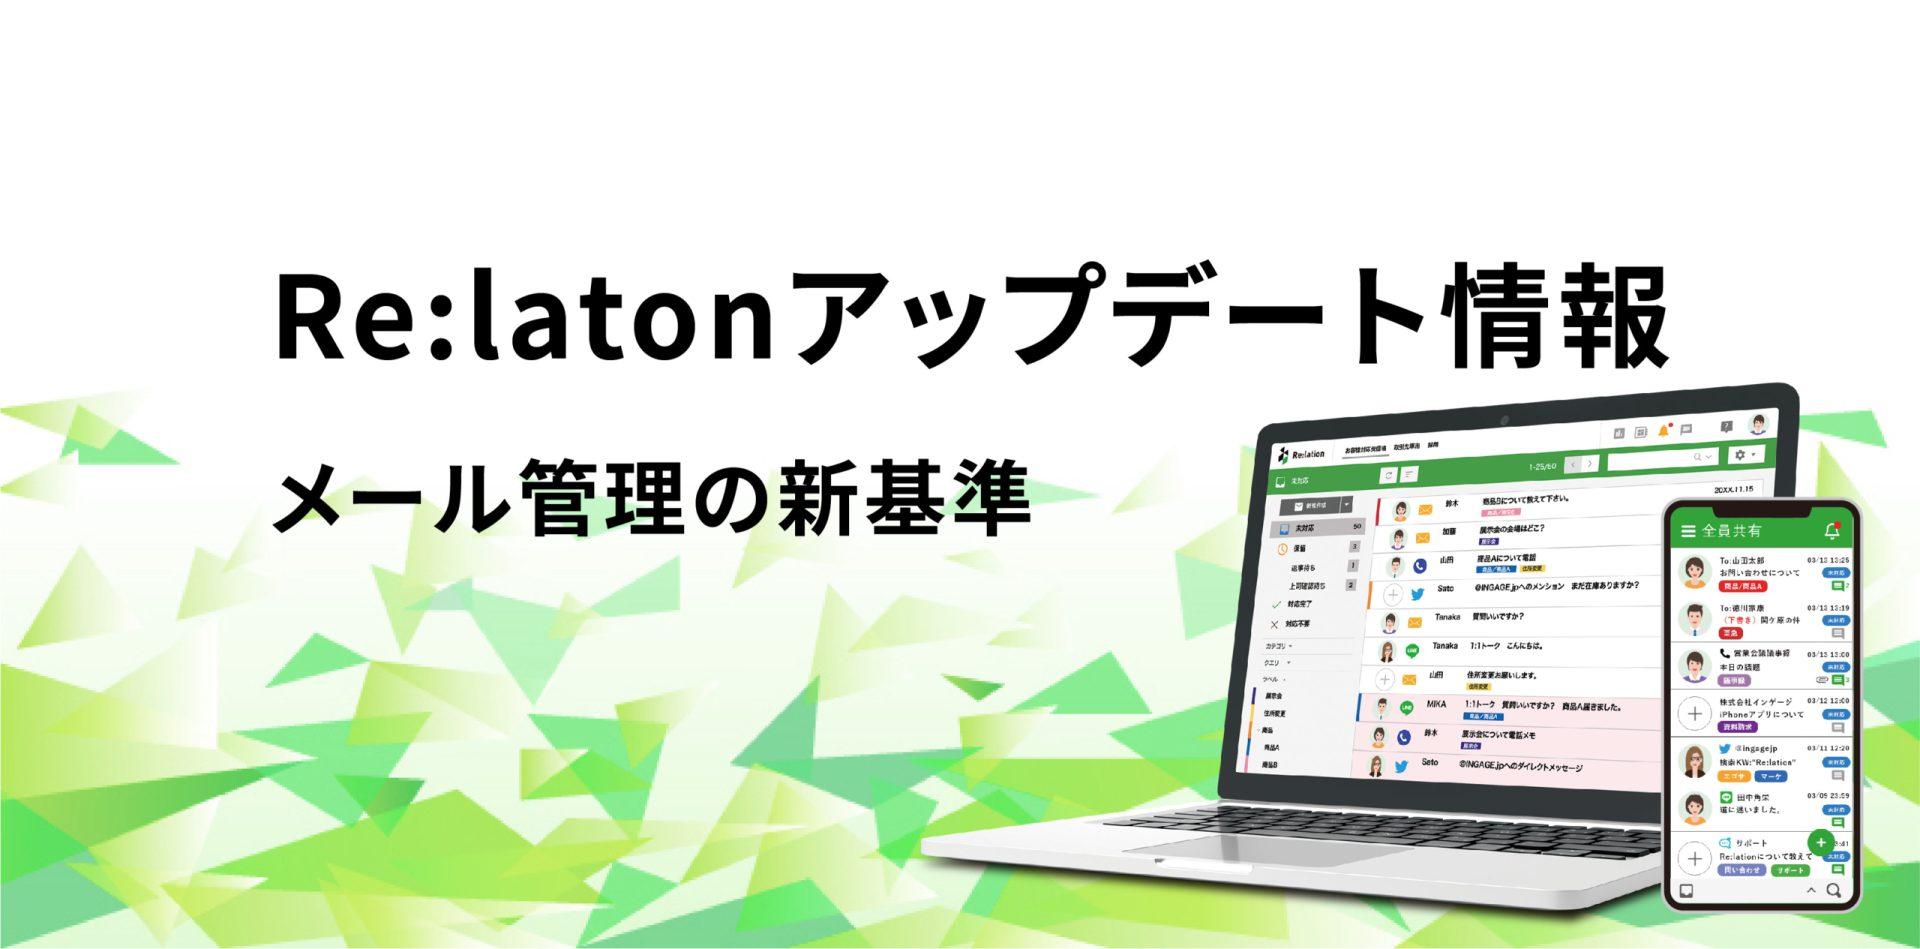 テレワーク時代のメール管理「Re:lation(リレーション)」06.11アップデート